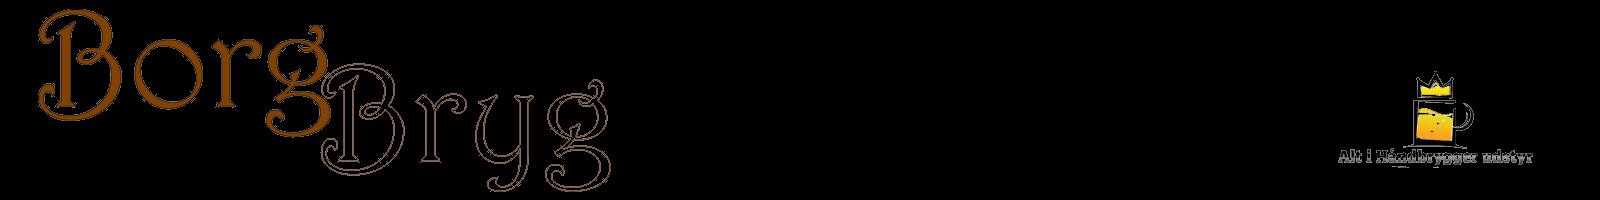 BorgBryg Syd